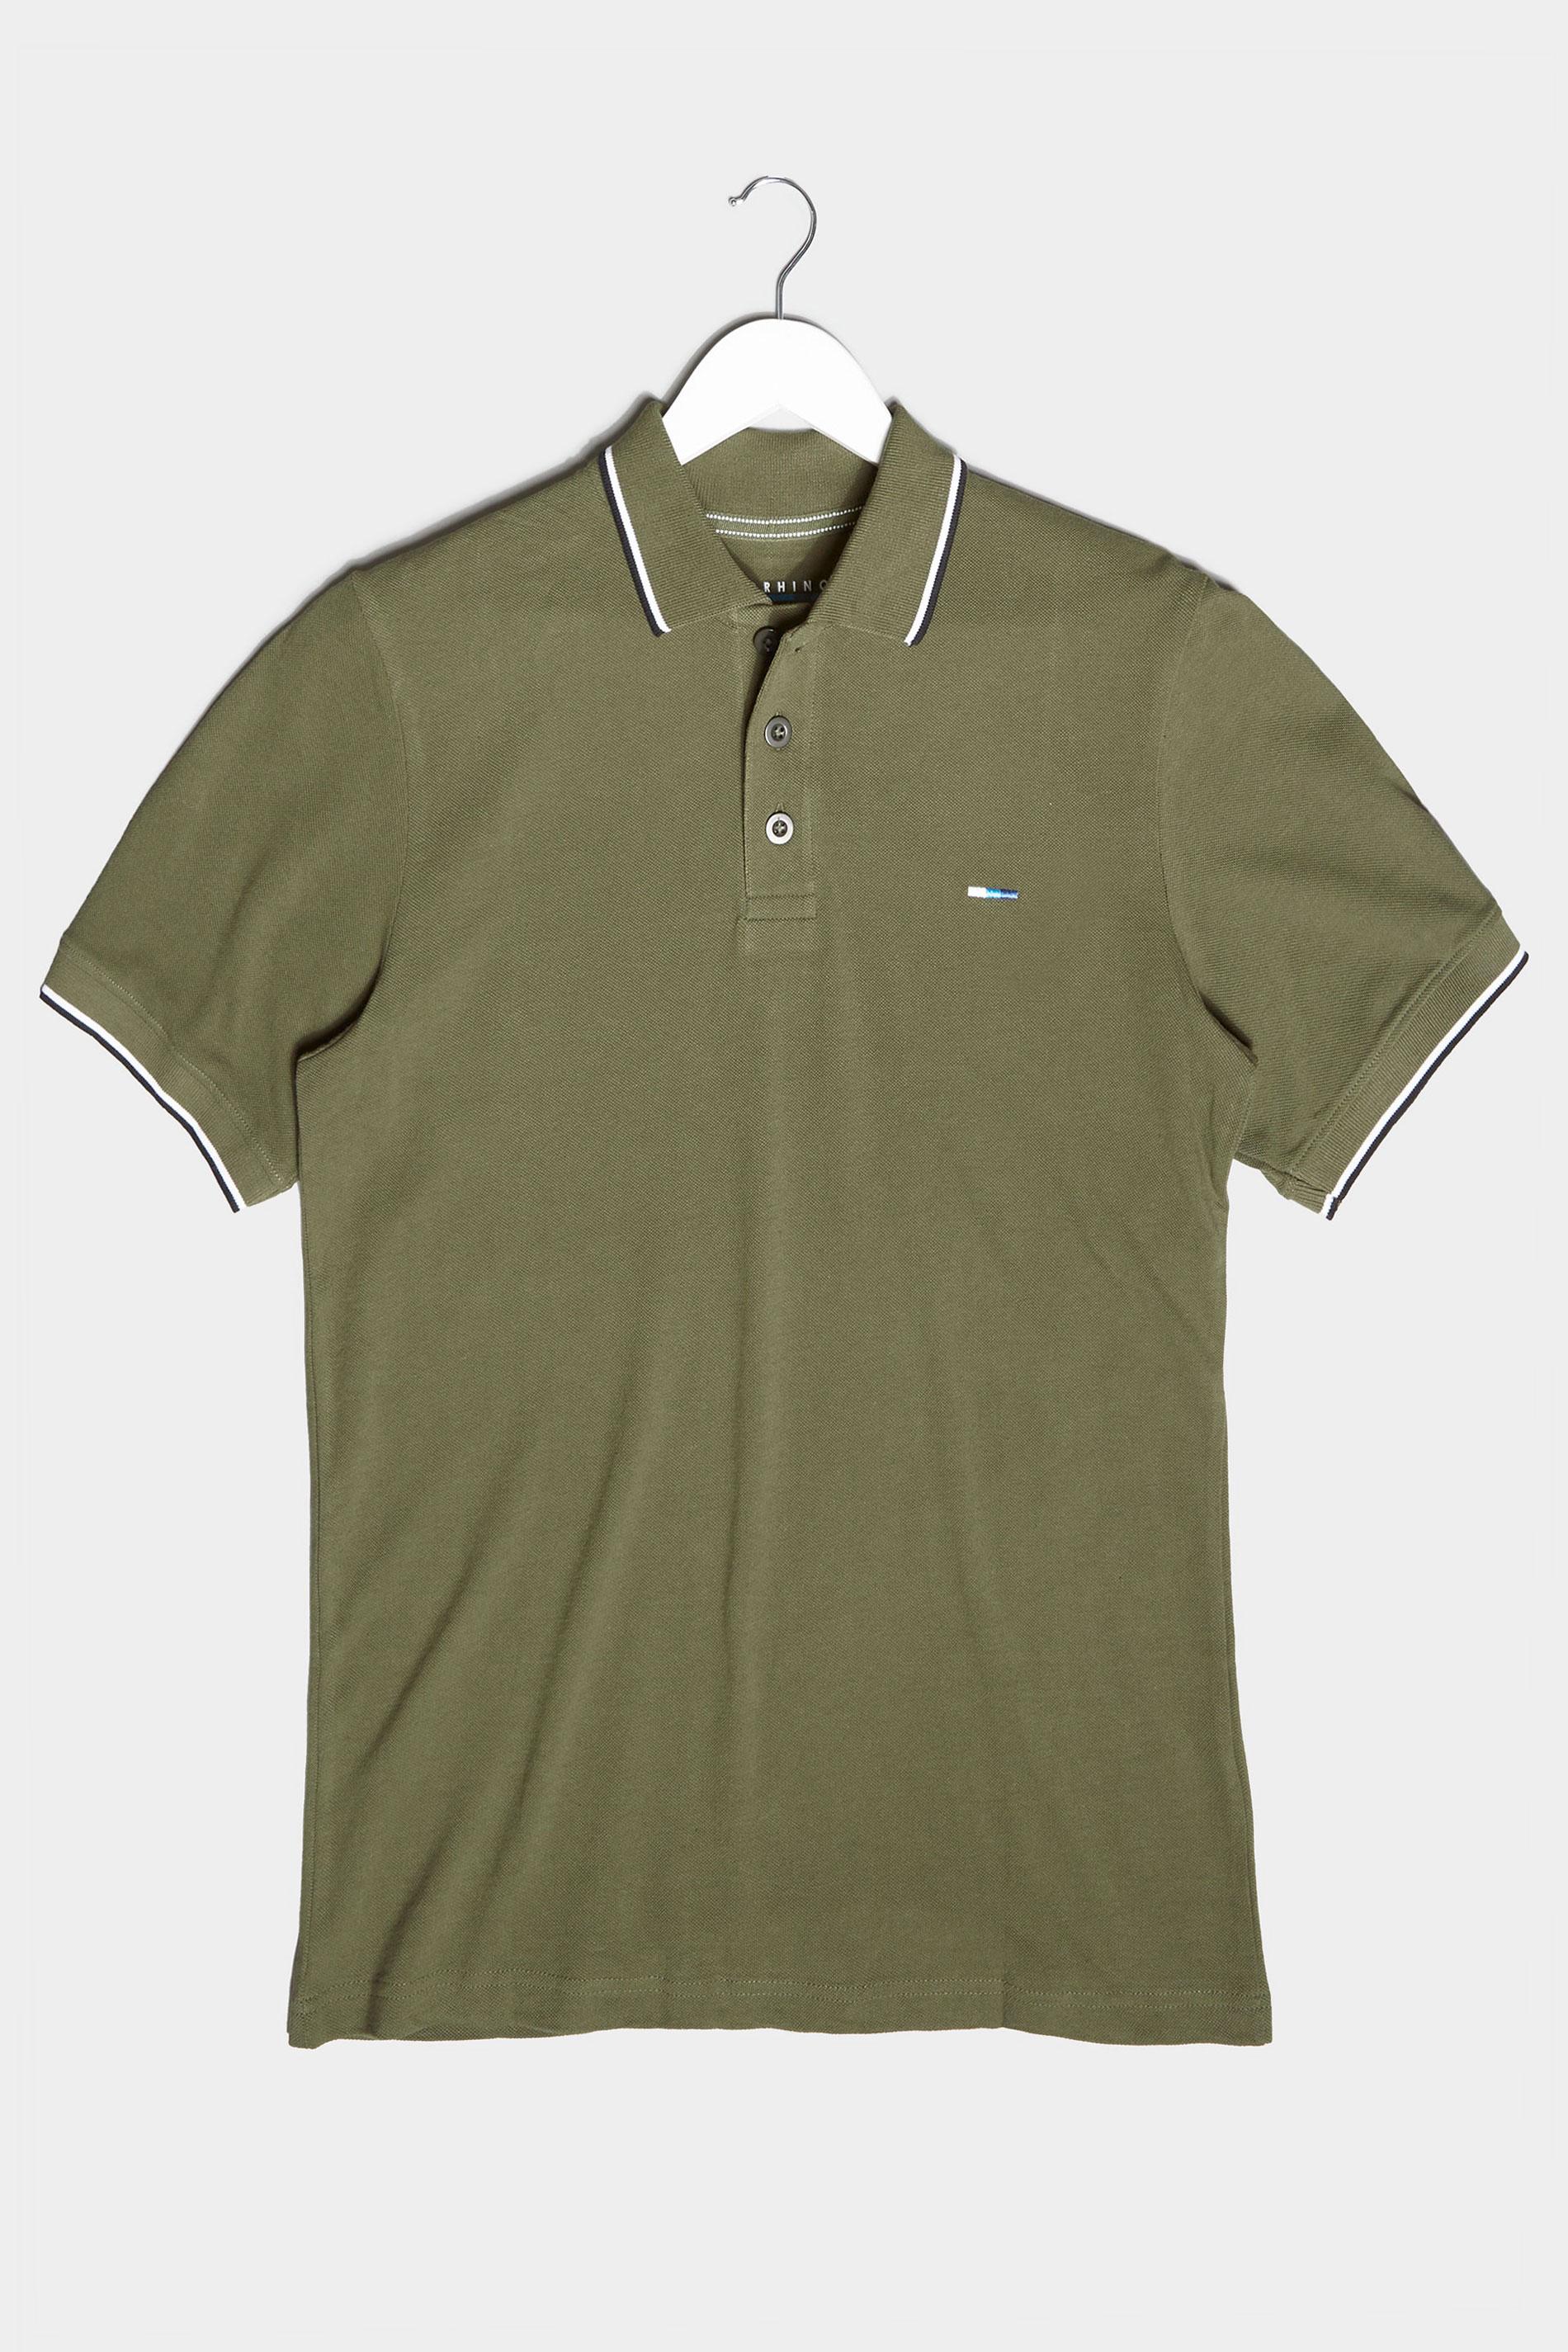 BadRhino Khaki Essential Tipped Polo Shirt